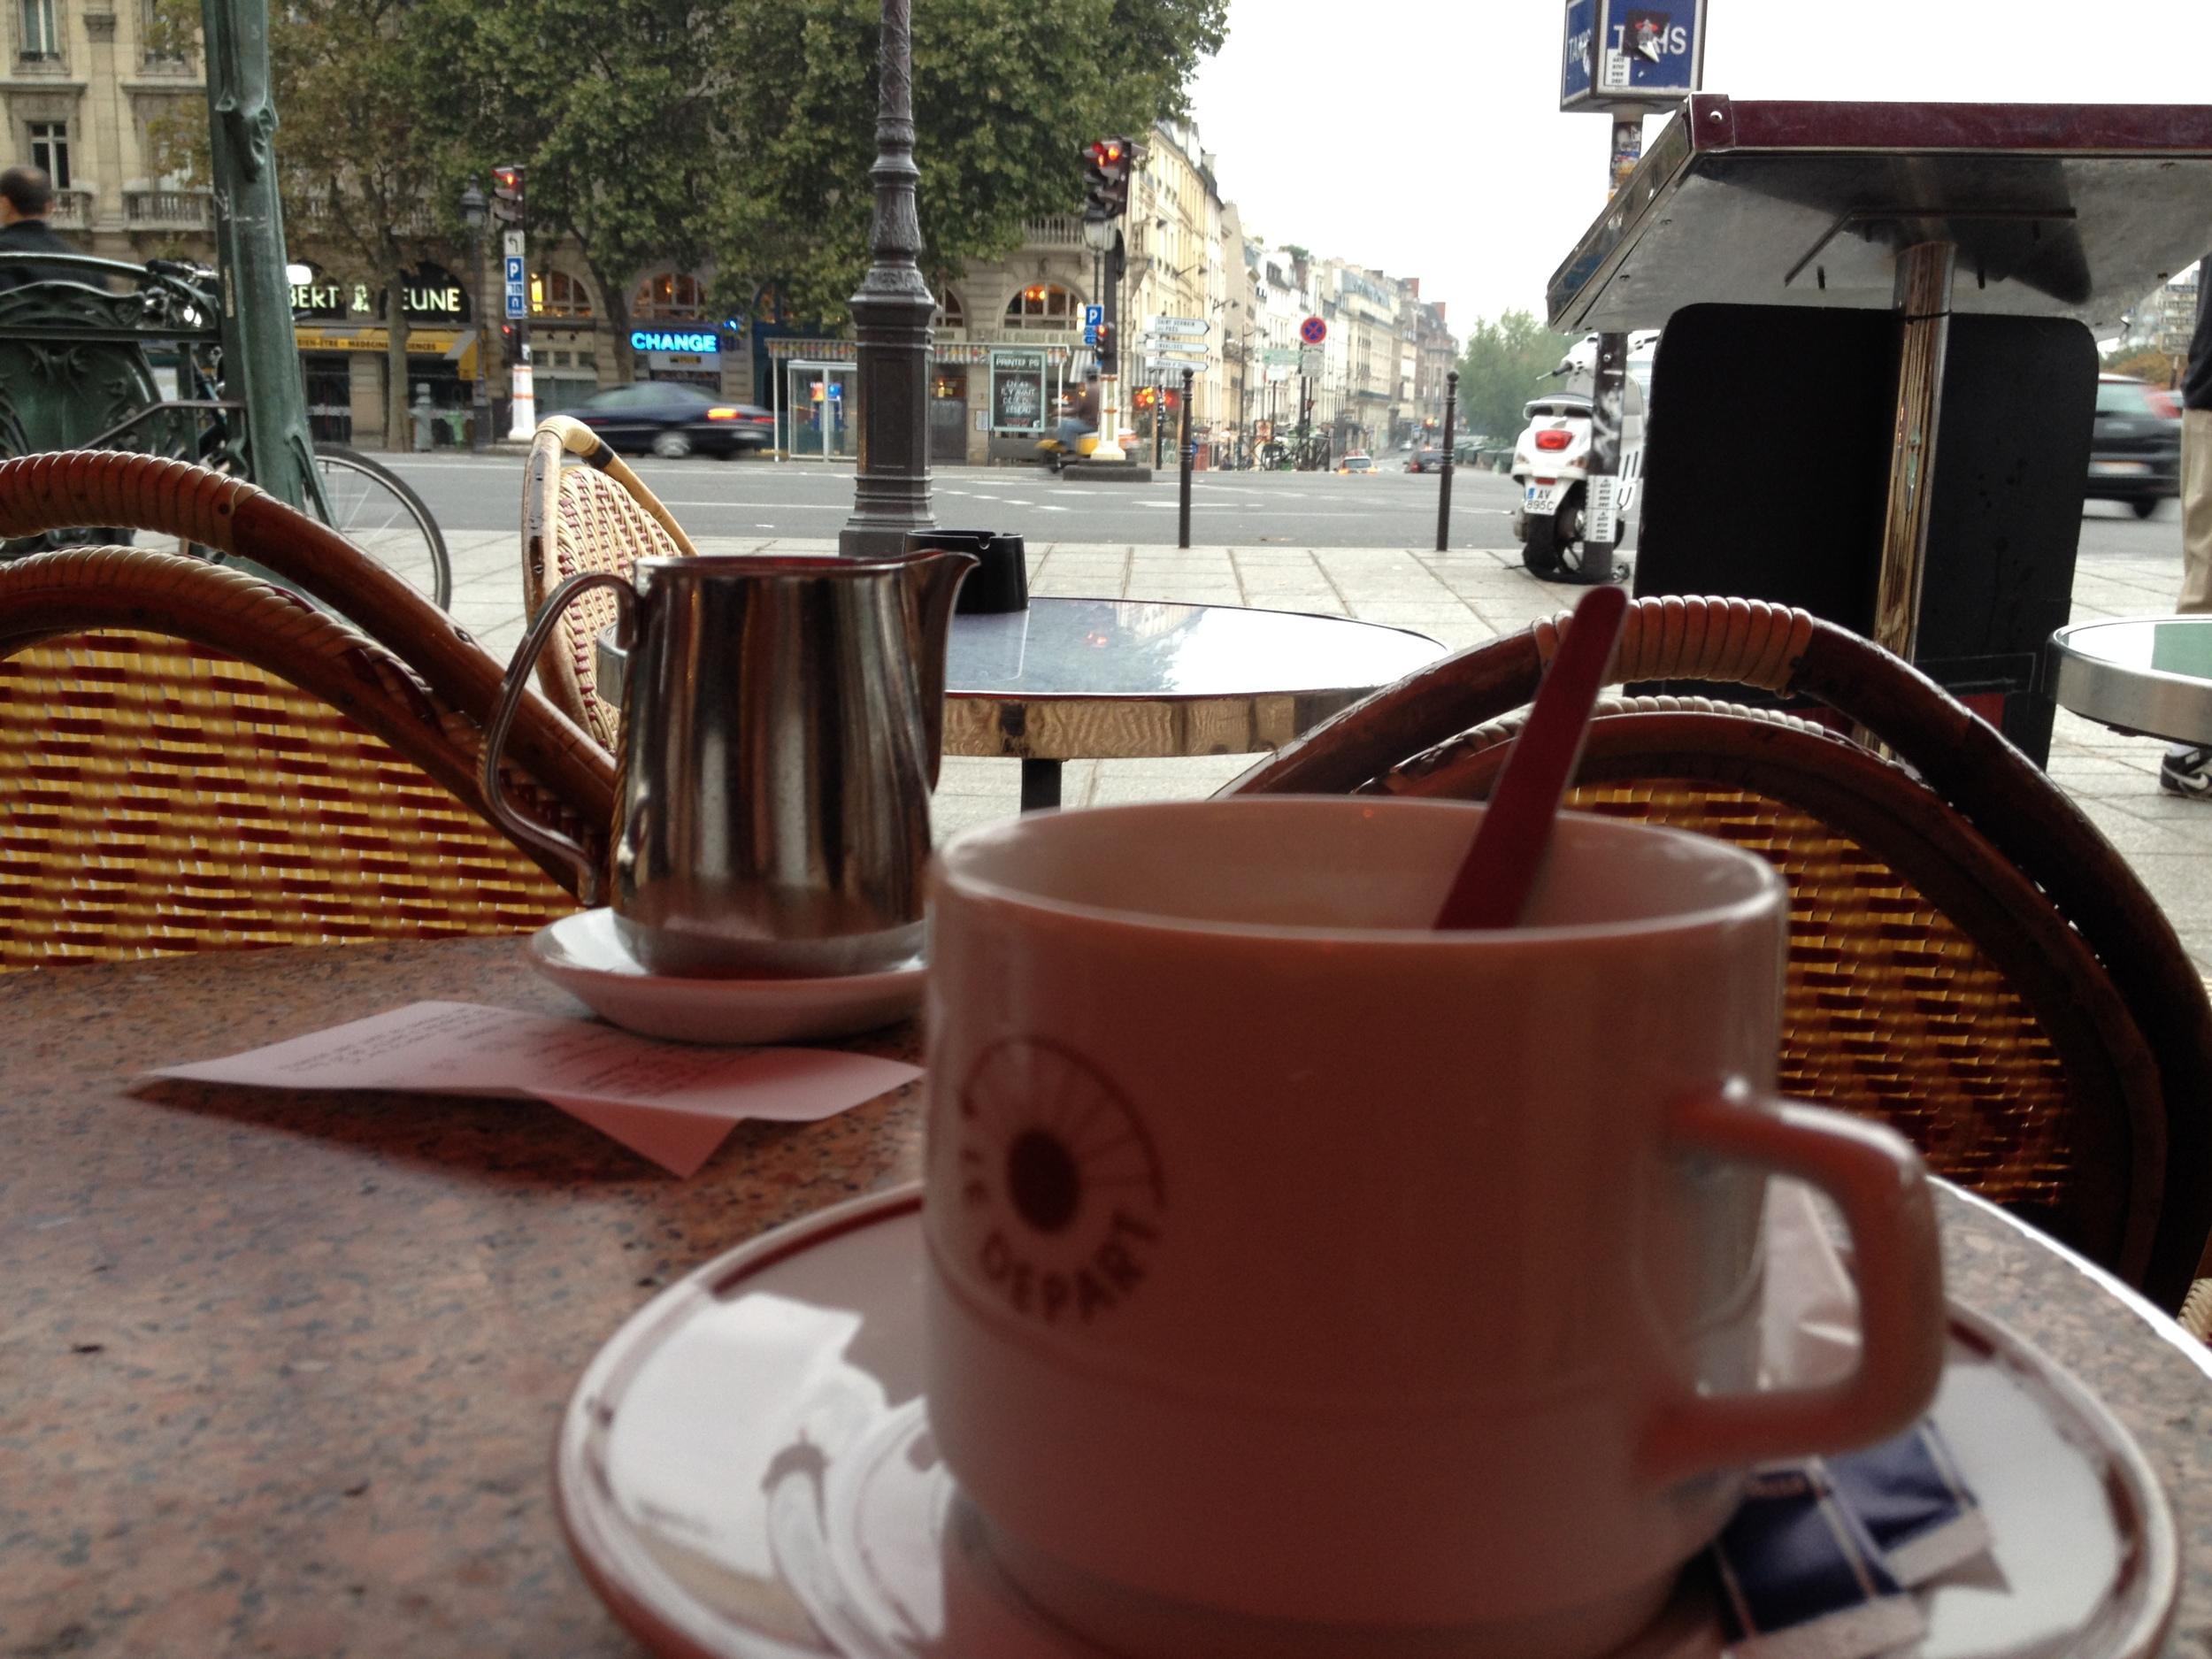 Dat Paris life.